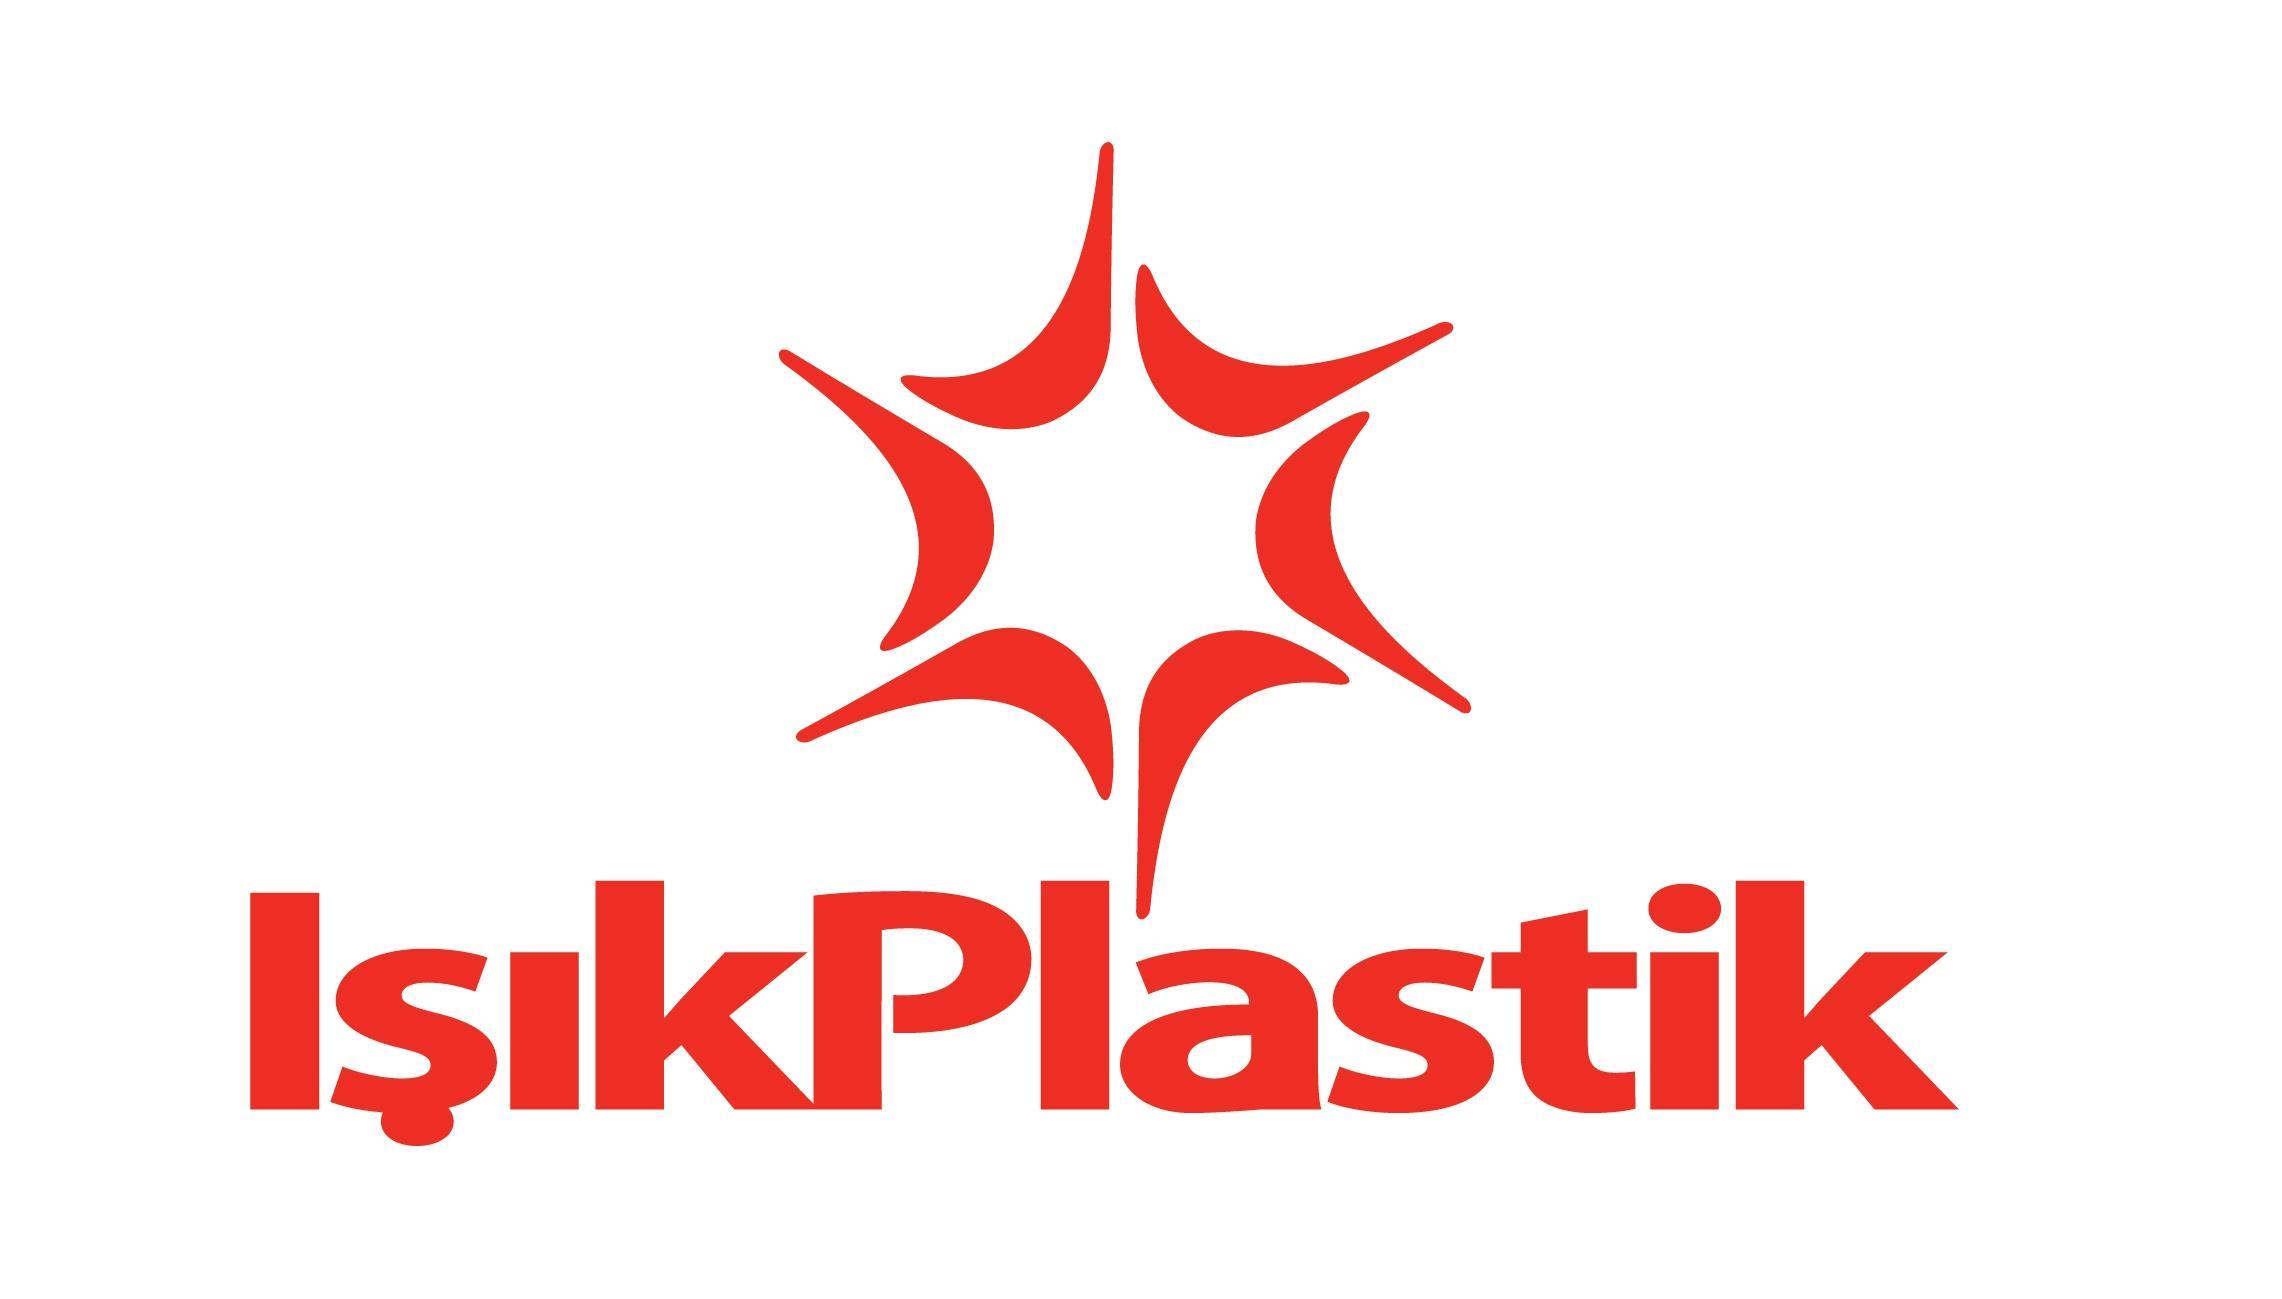 Işık Plastik San. ve Dış Tic. Paz. Ltd. Şti.